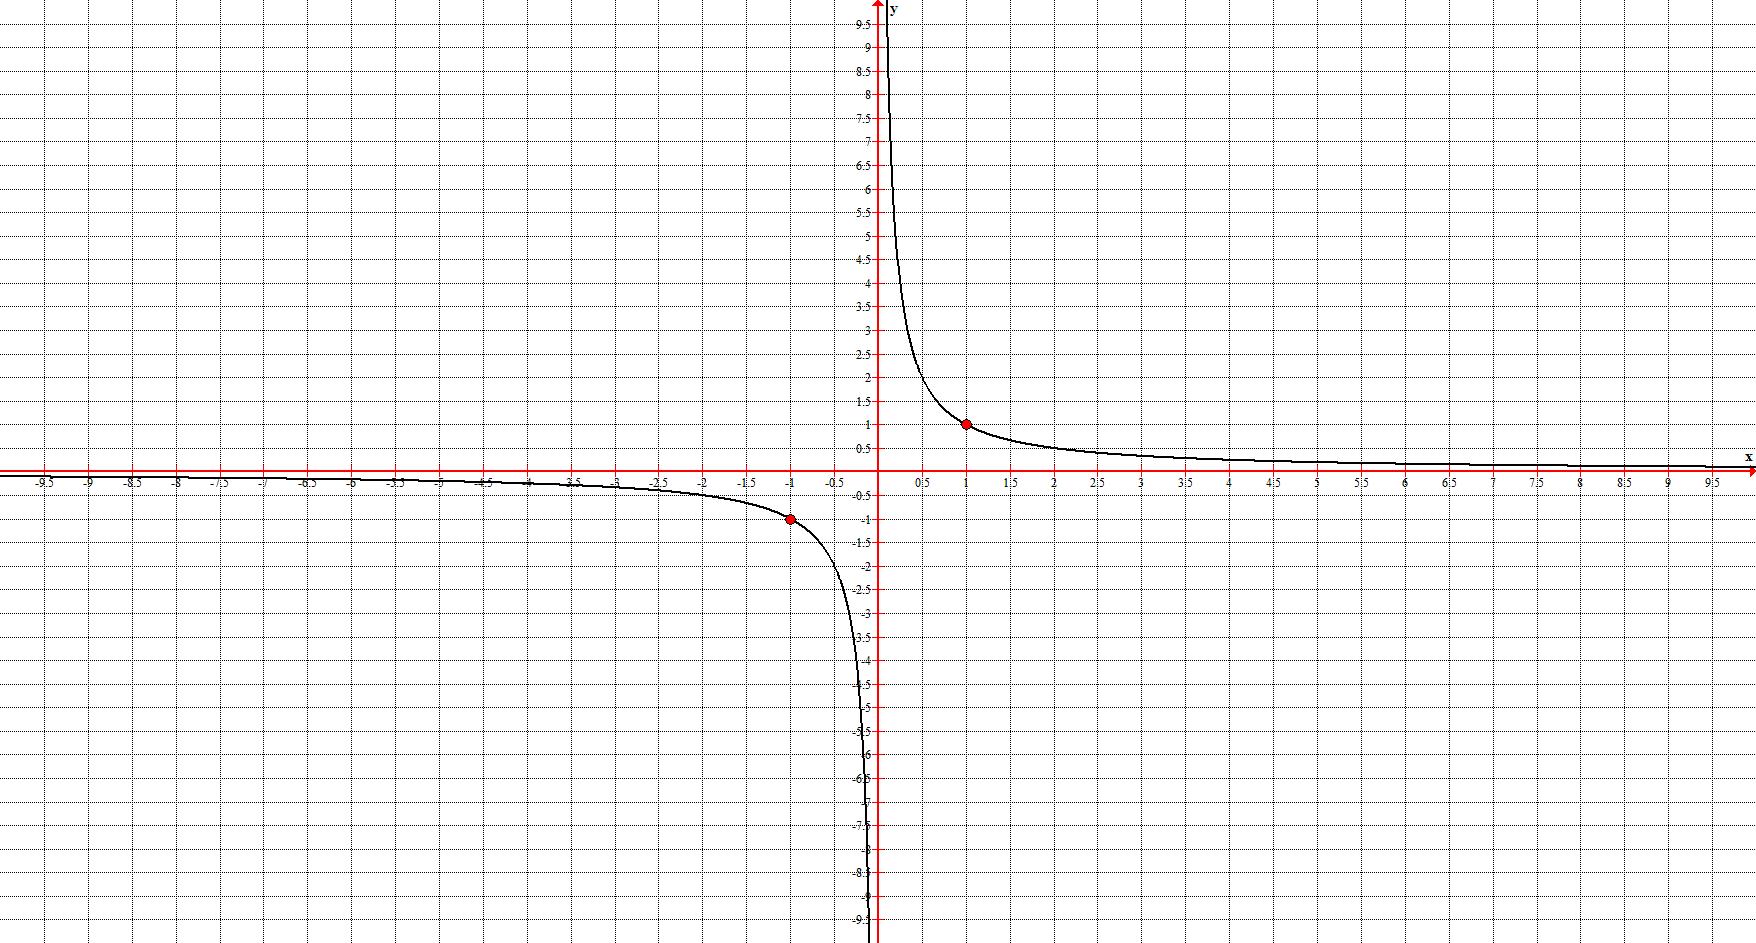 Гипербола или обратная пропорциональность